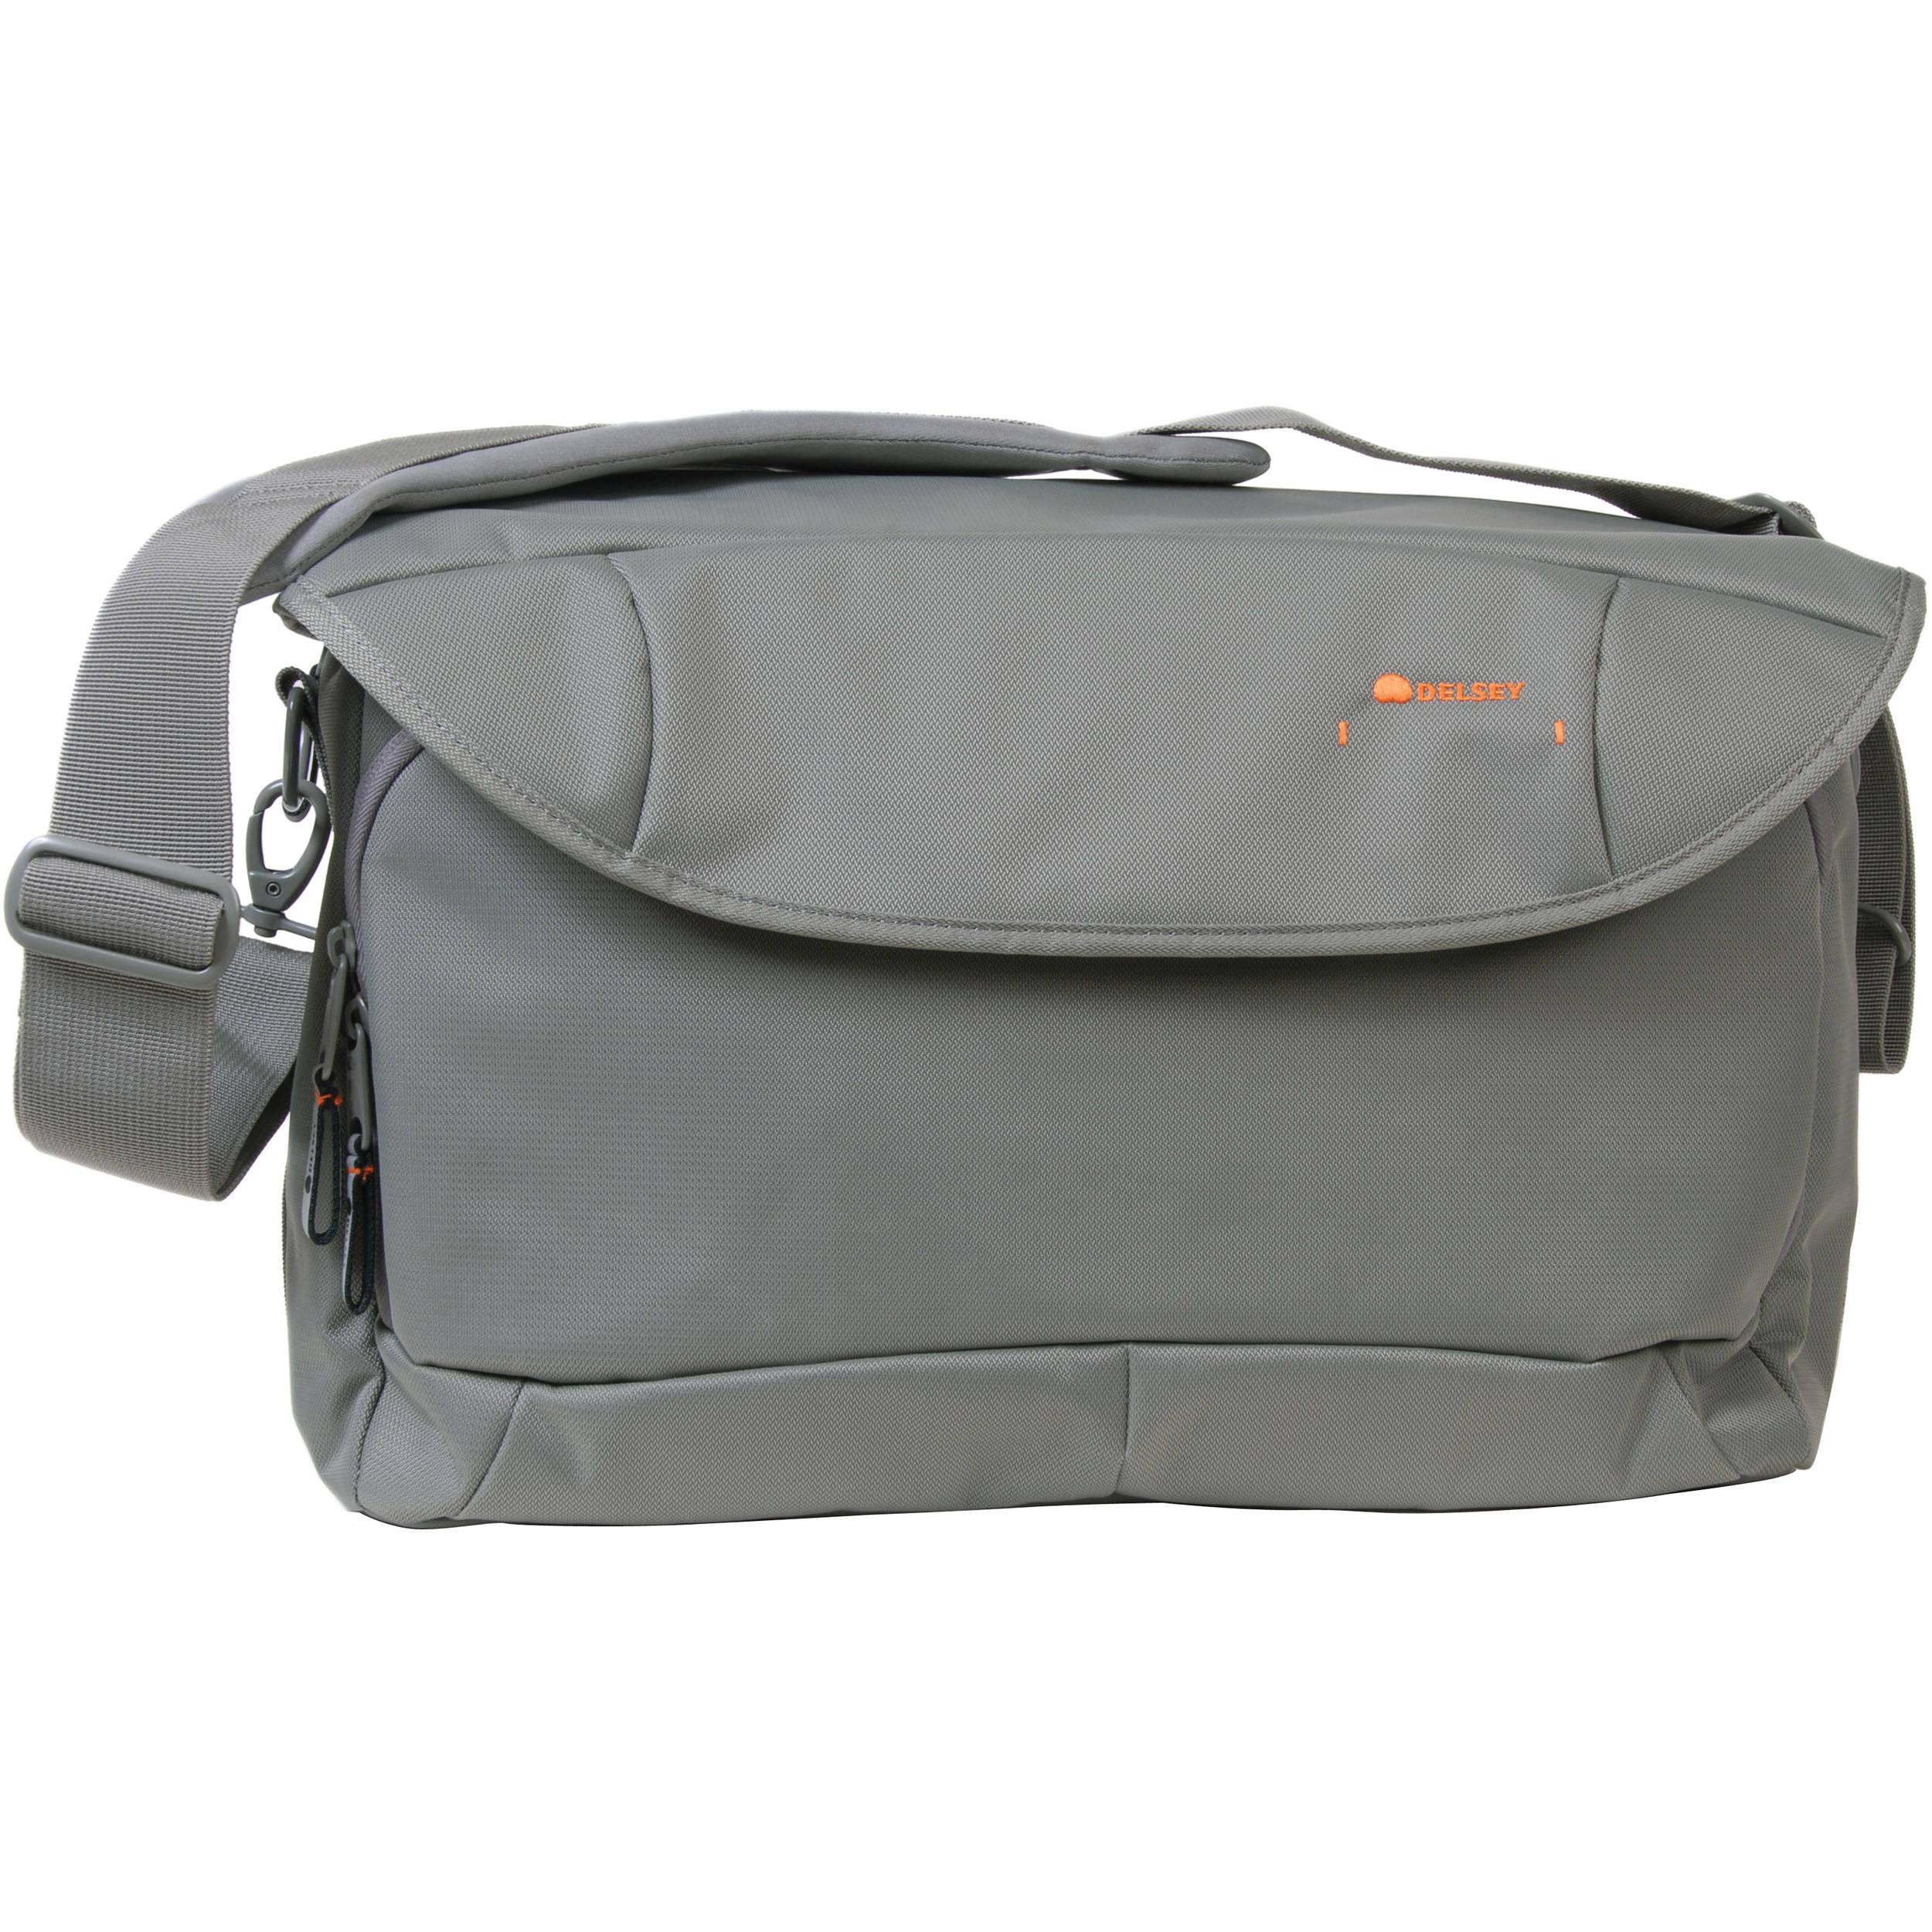 Delsey Odc 35 Large Shoulder Bag Gray